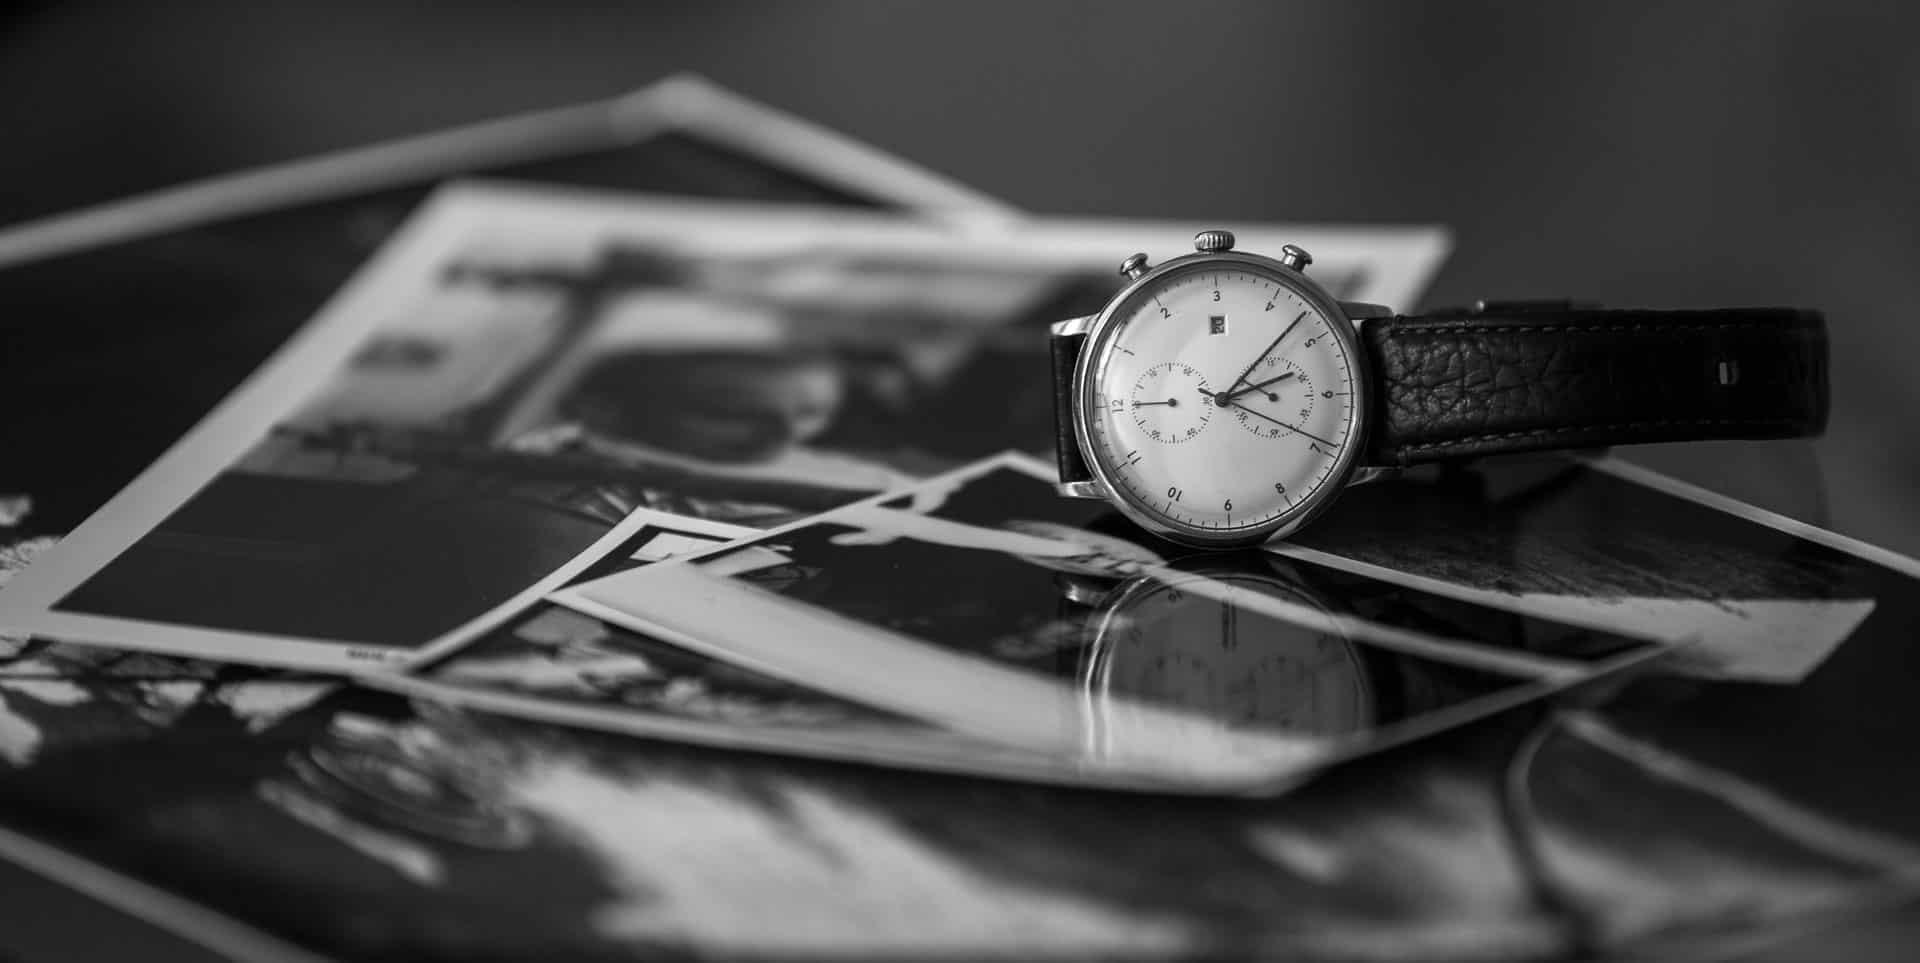 Armbanduhr auf Fotos liegend (Symbolbild: Was ist ein TFP?)